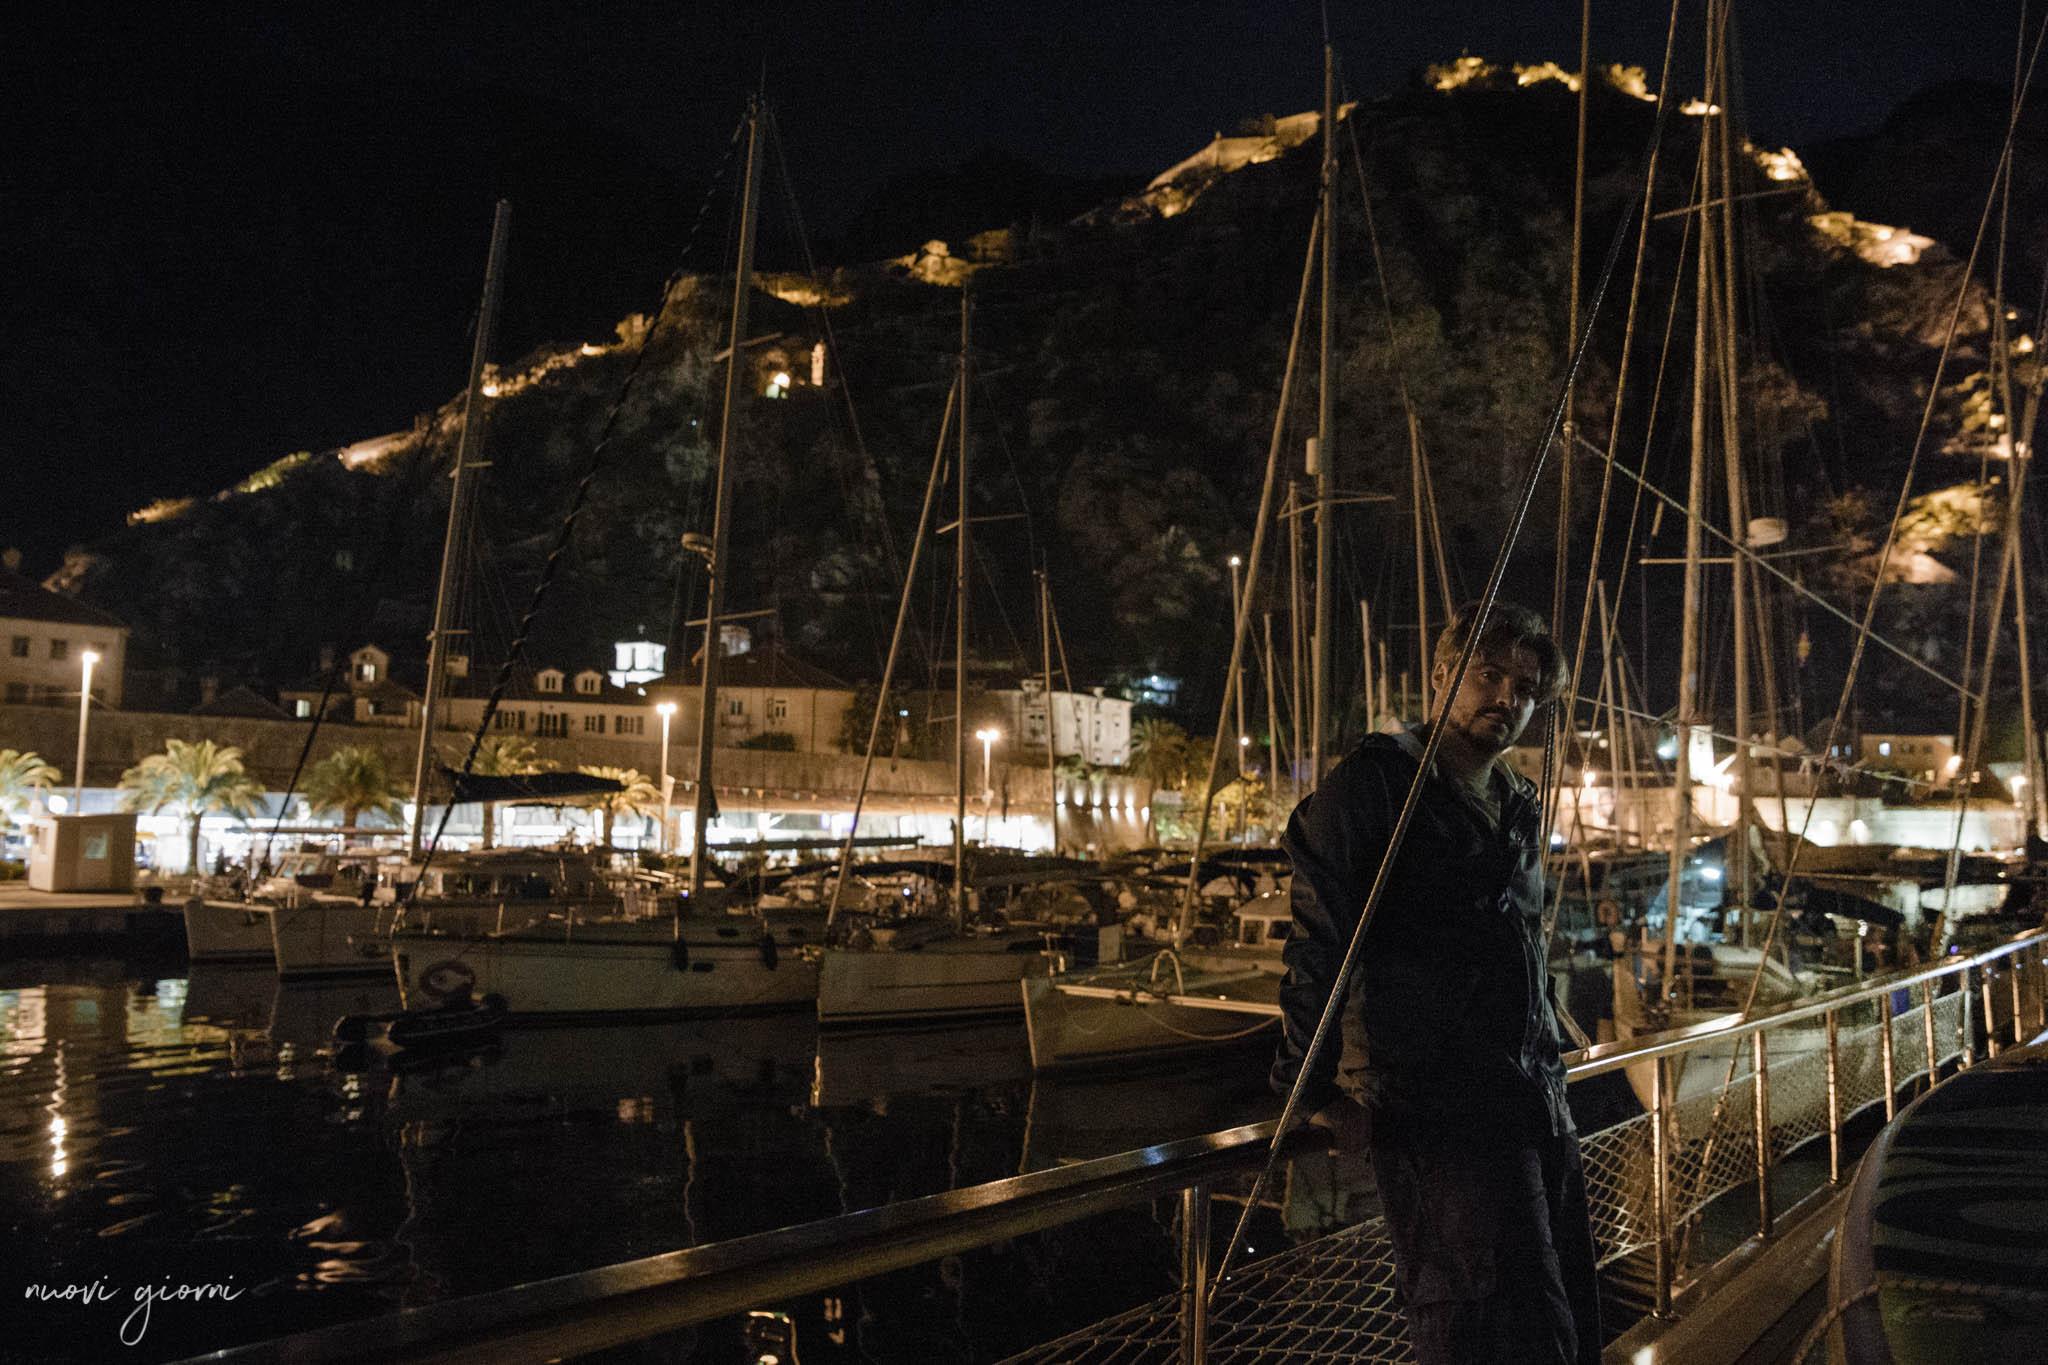 montenegro vacanza caicco gulet cruise nuovi giorni blog 52